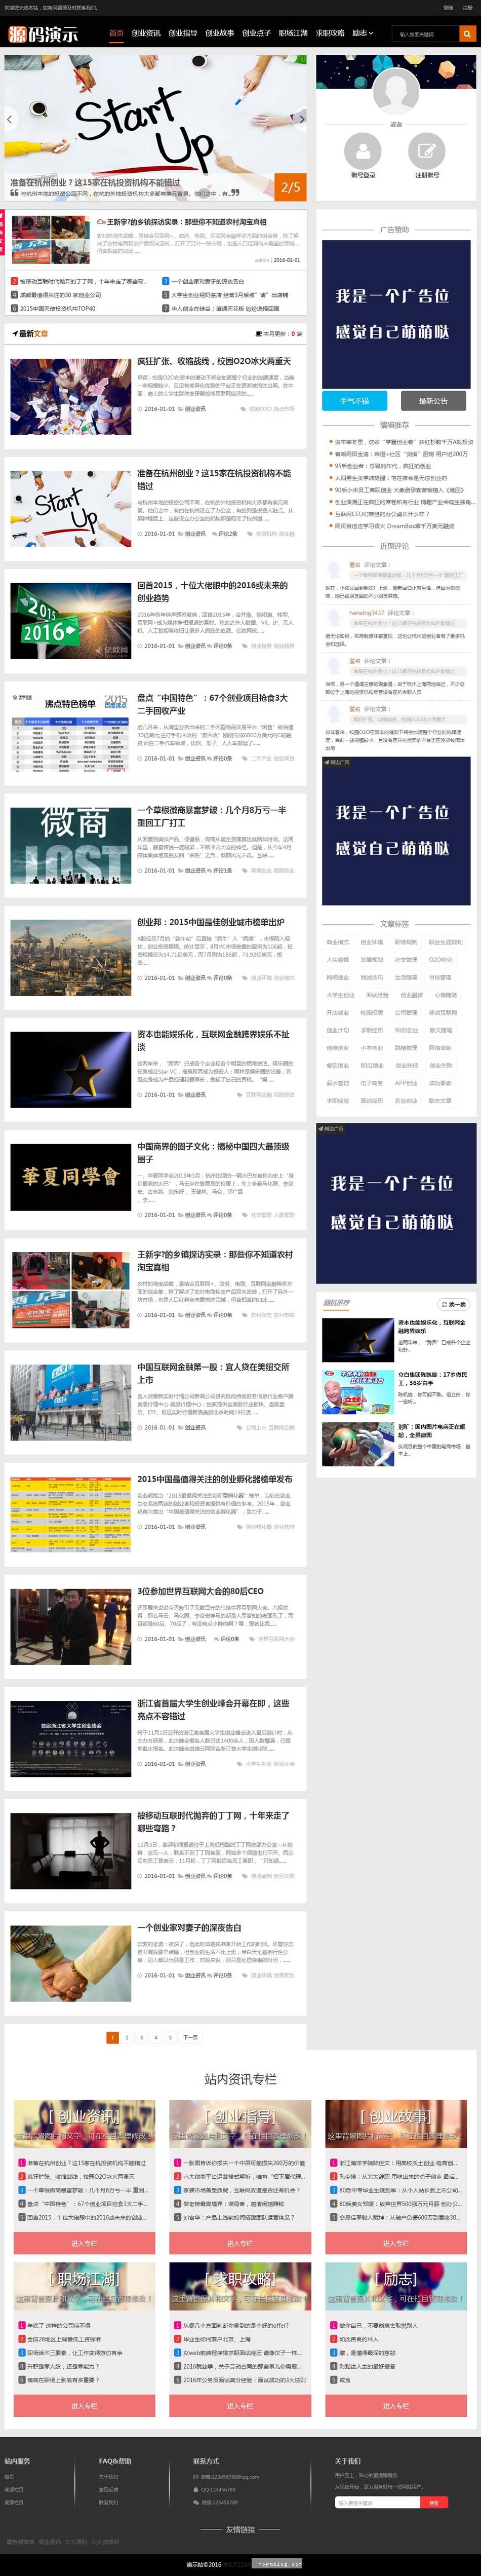 文章博客媒体网站模板帝国CMS后台自适应响应式HTML5整站支持手机